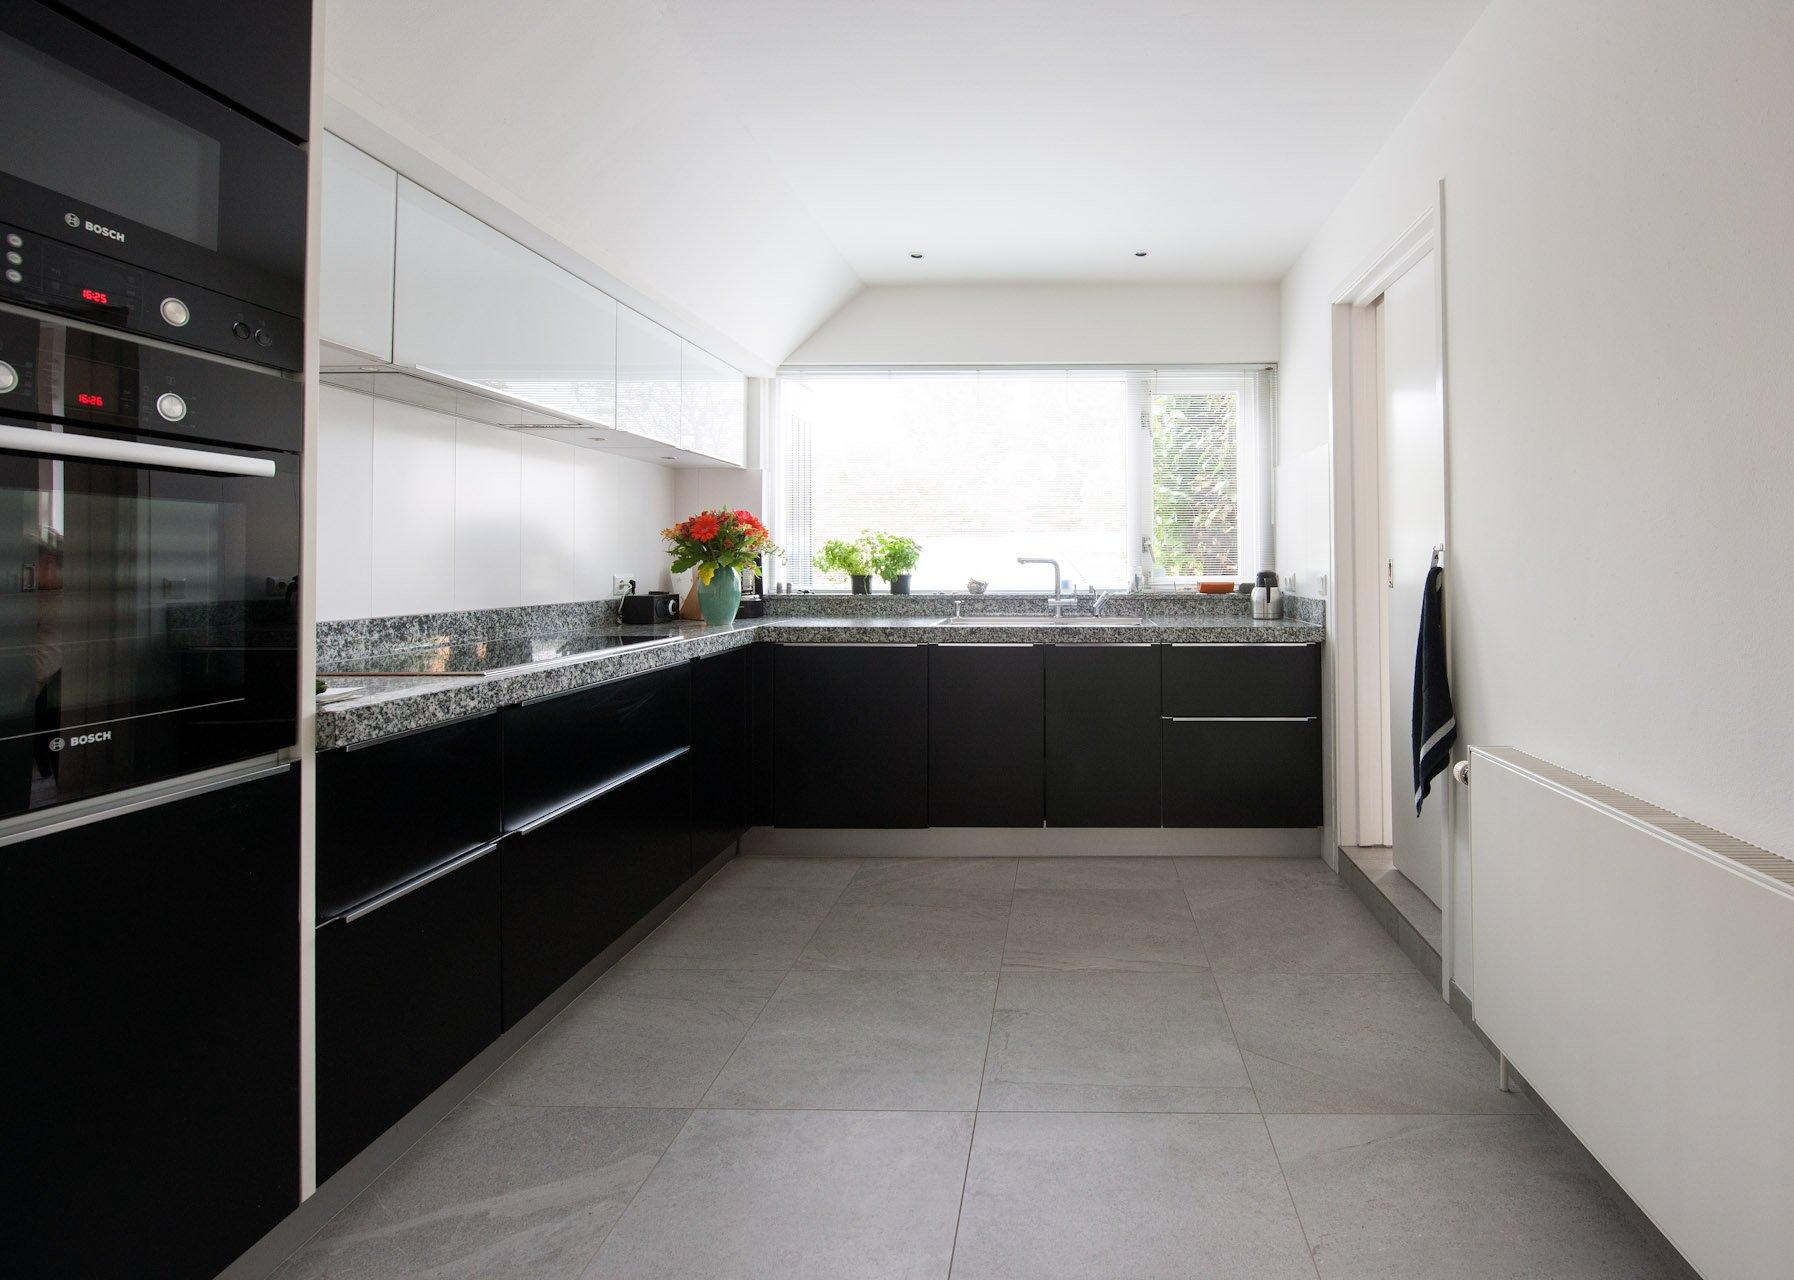 Grijze Keuken Tegels : Keukentegels: wandtegels voor in de keuken KROON